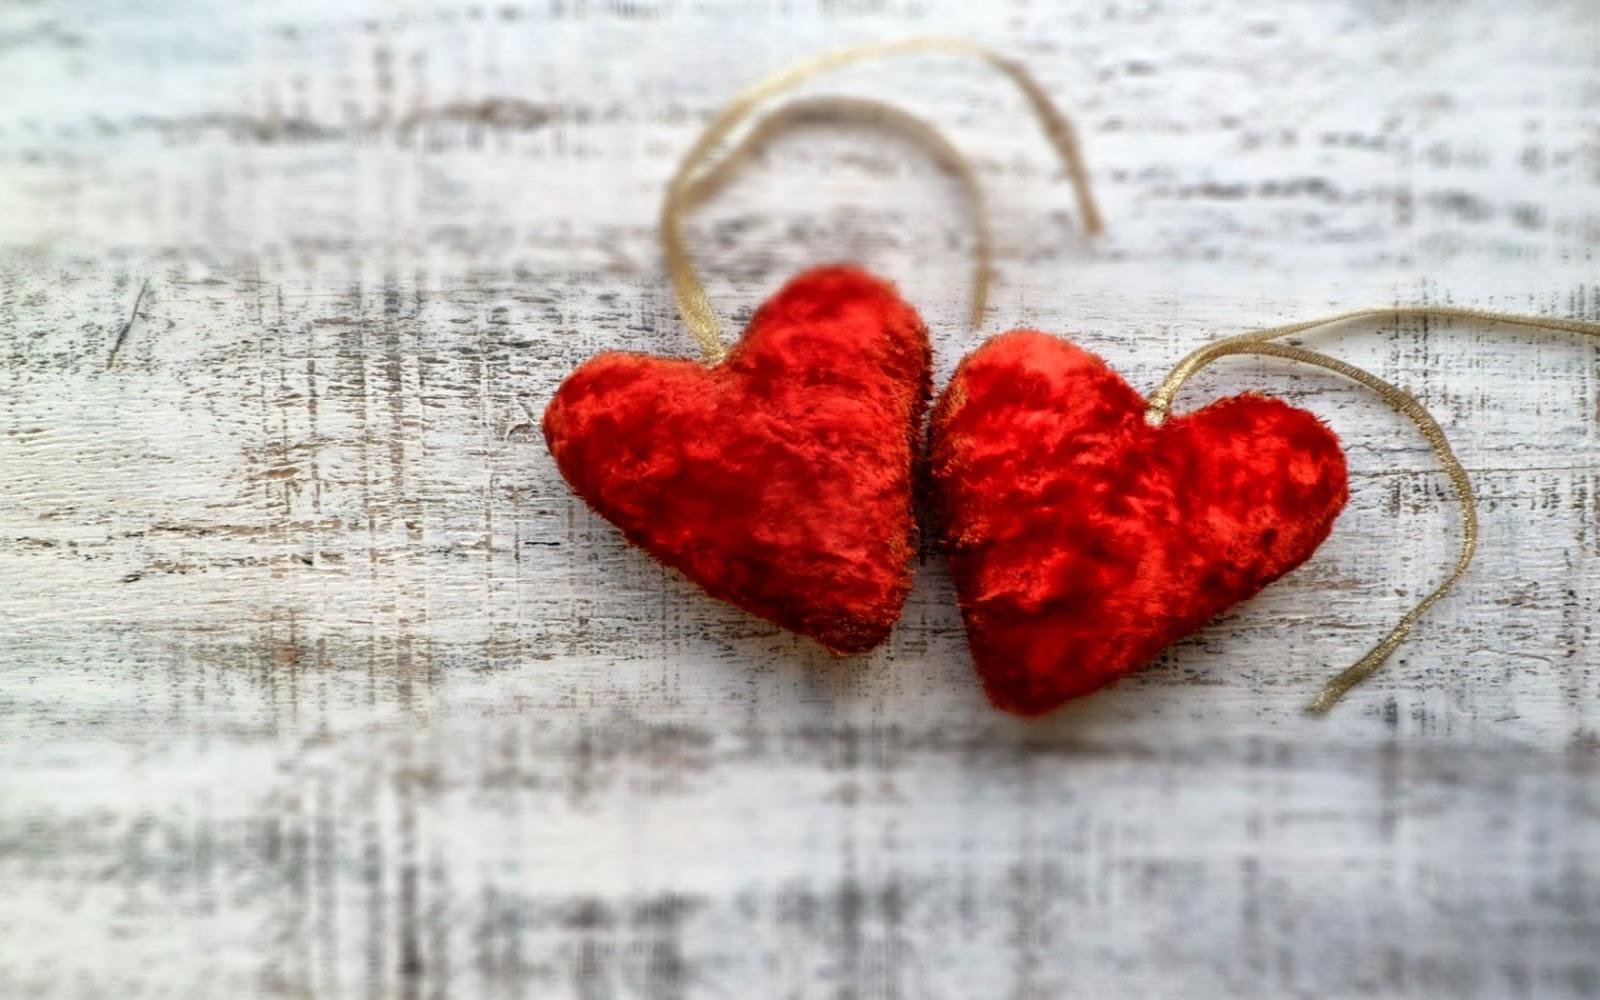 Fondos De Pantalla Animados De San Valentín: Fondos HD Wallpapers: Fondo De Pantalla Dia De San